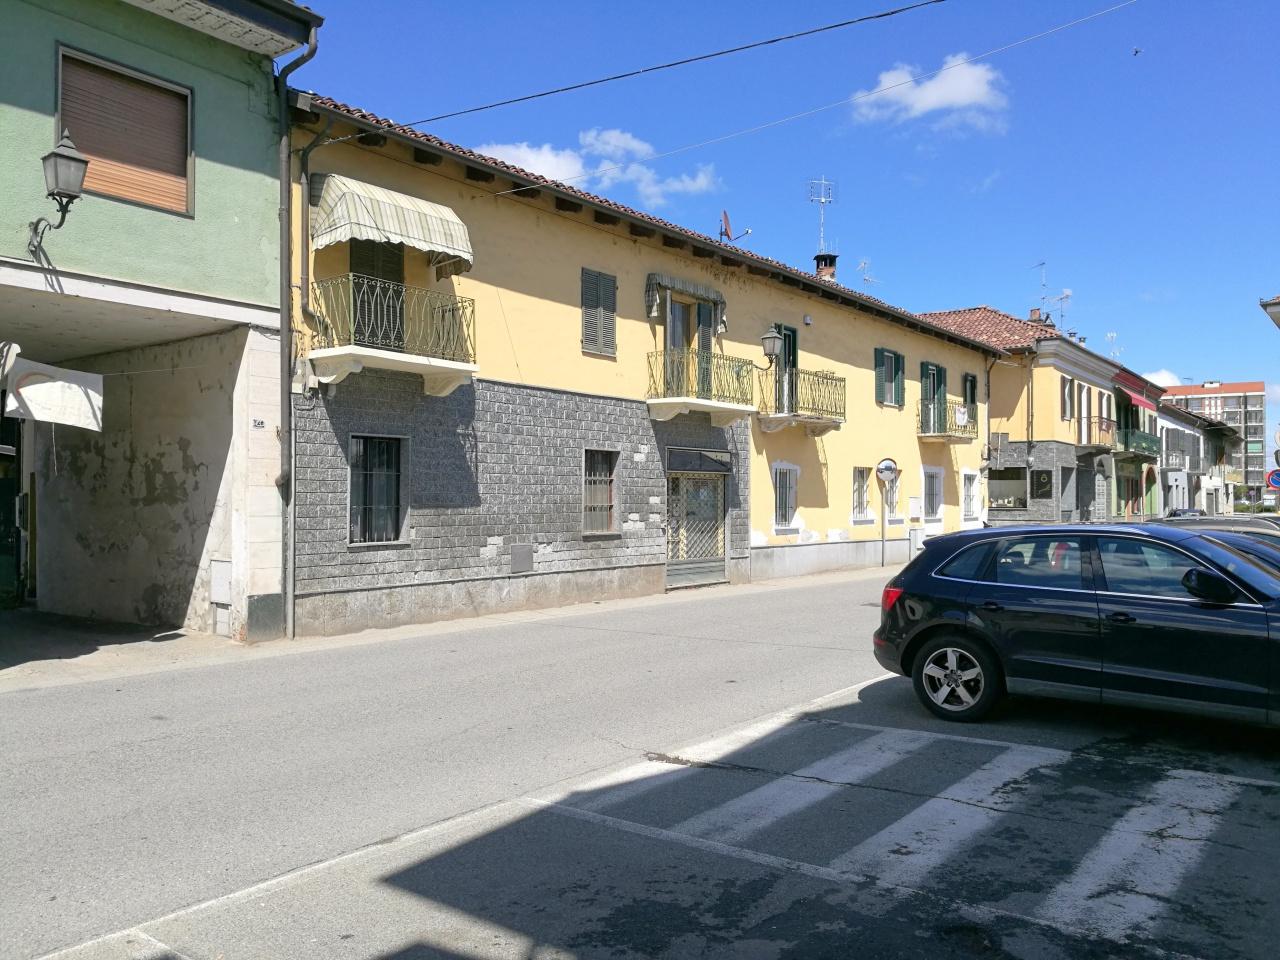 Soluzione Indipendente in vendita a Torrazza Piemonte, 10 locali, prezzo € 149.000 | PortaleAgenzieImmobiliari.it